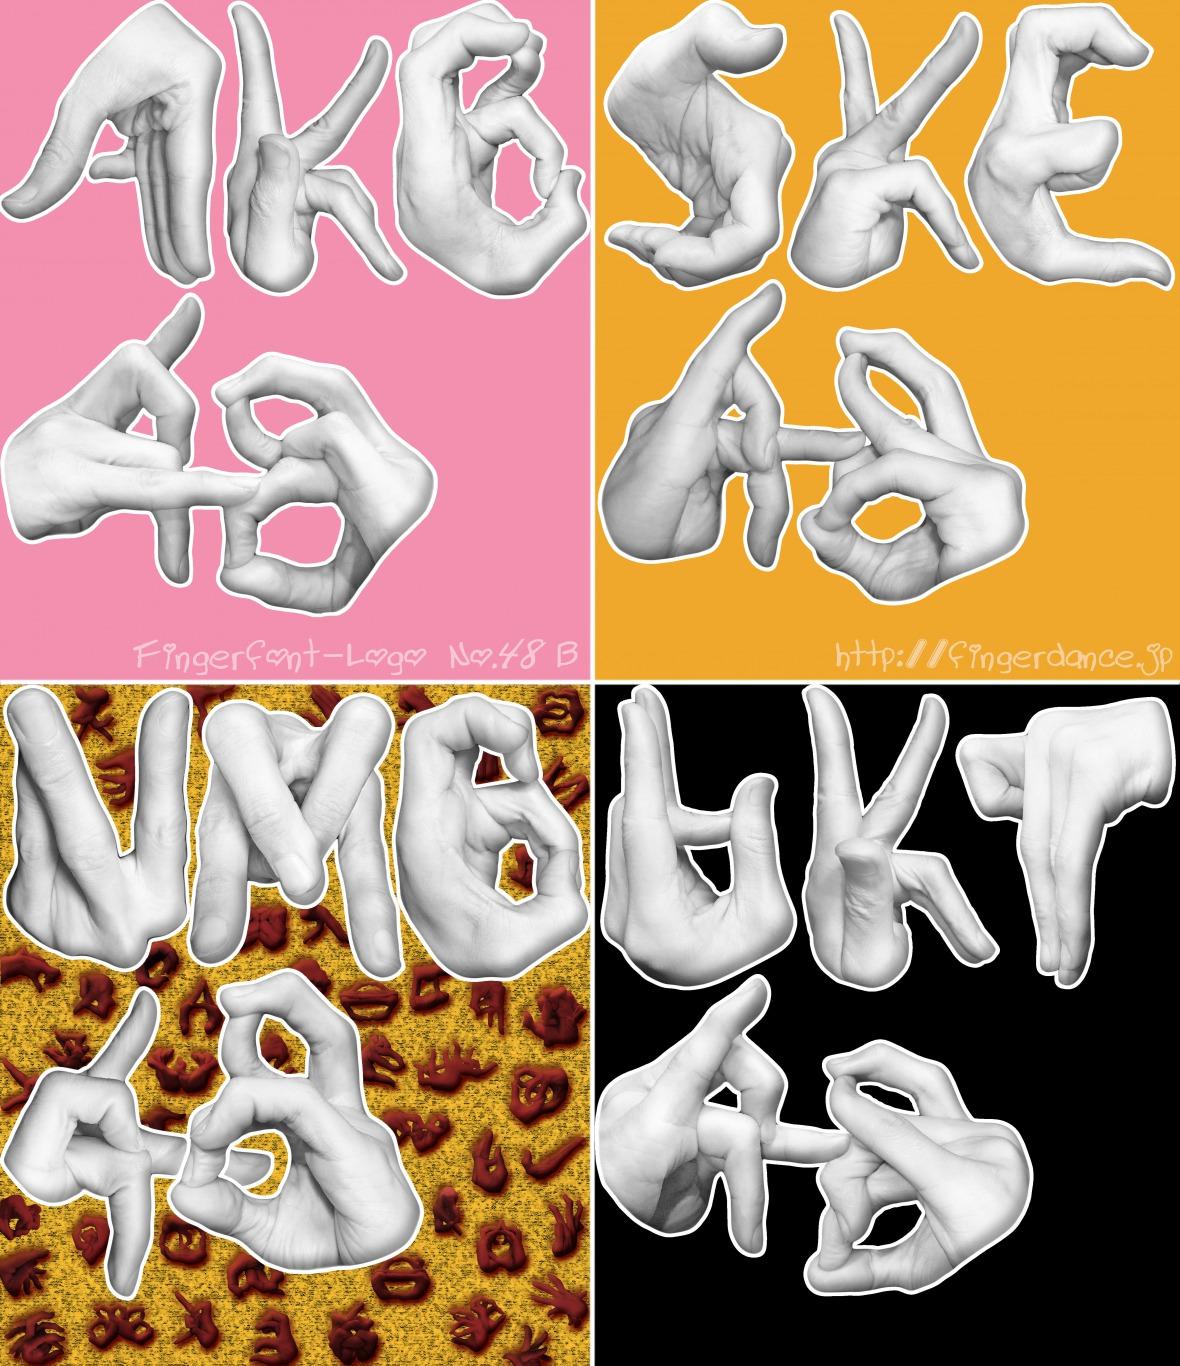 AKB48_SKE48_NMB48_HKT48-fingerhttp://fingerdance.jp/L/logohandフィンガーロゴハンド手指